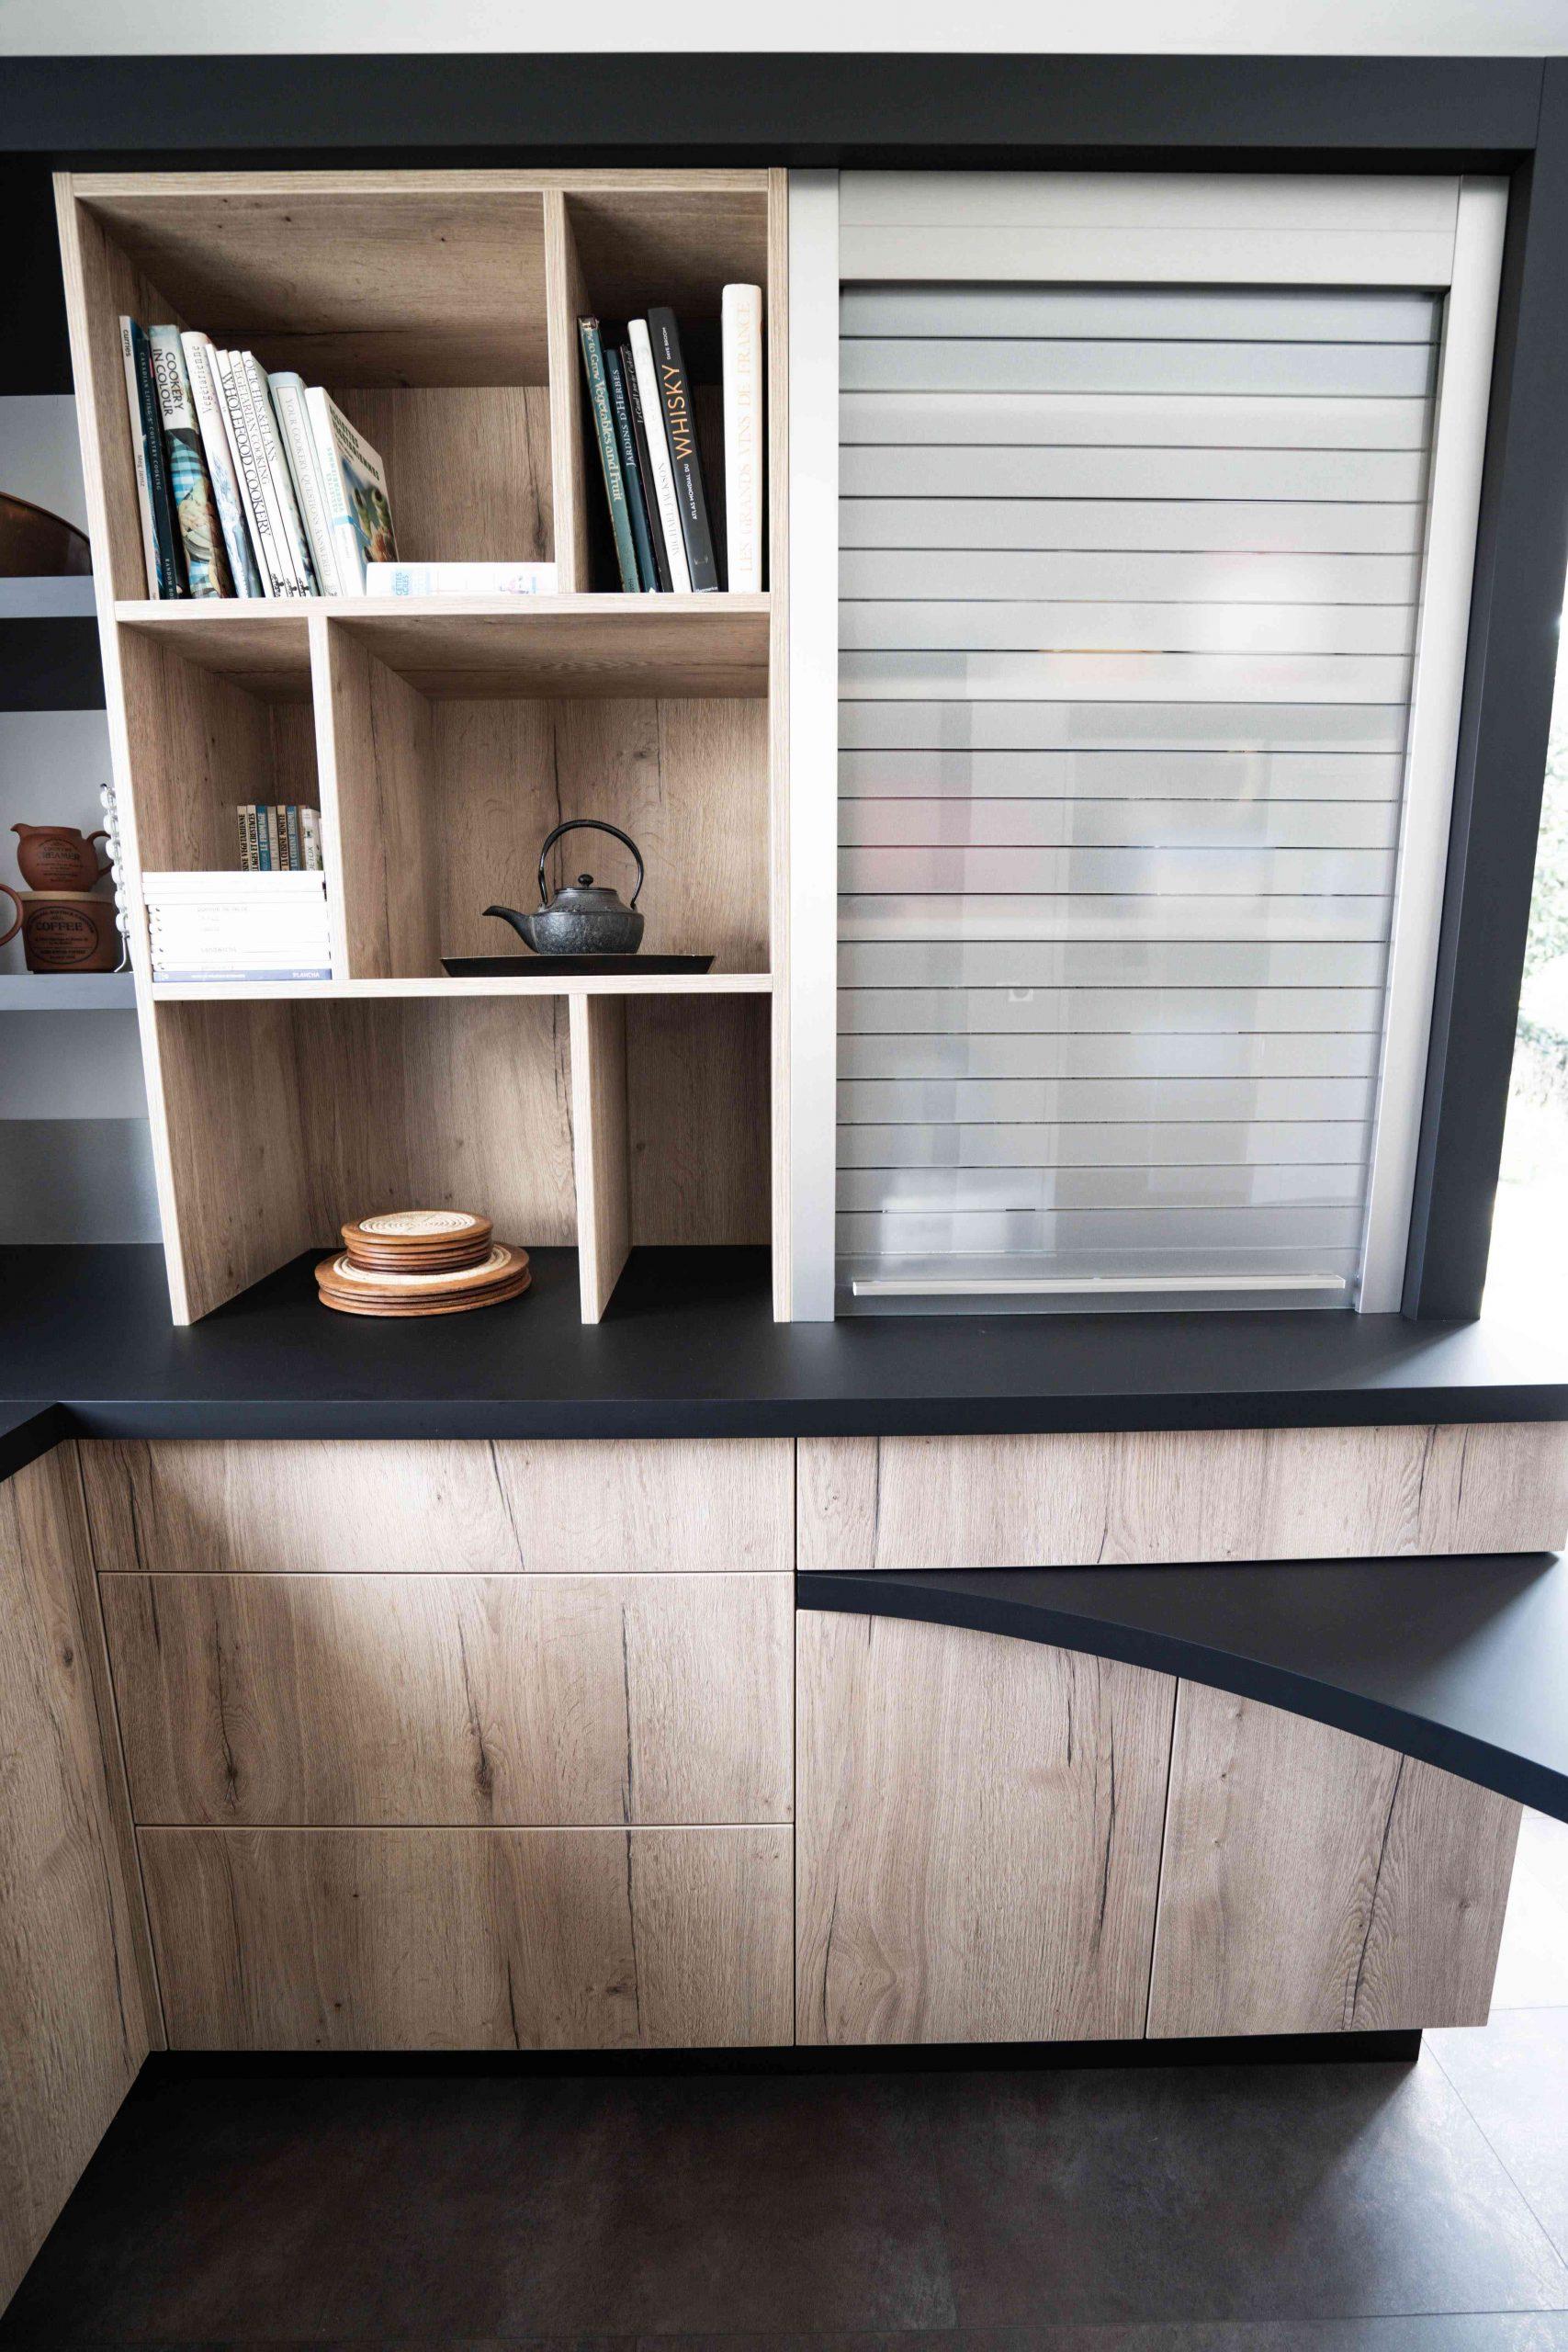 RDI01289 scaled - Cuisine noir et chêne avec table de repas arrondie